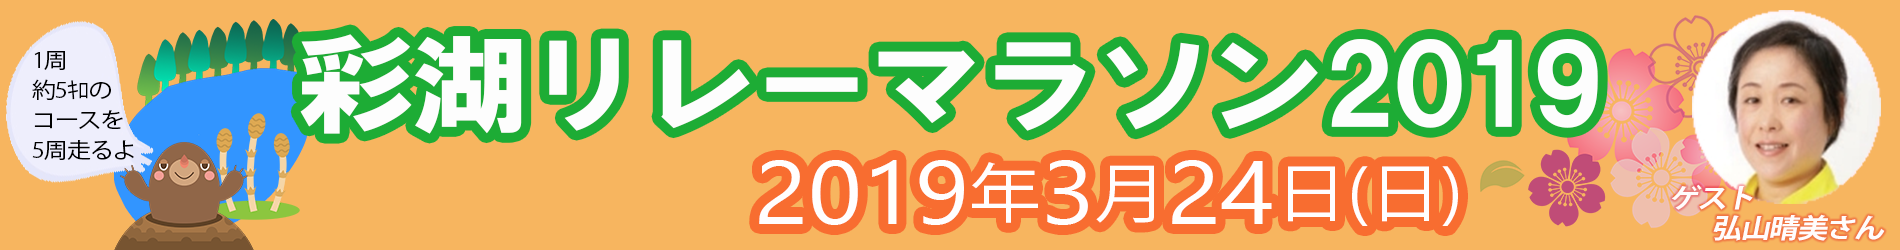 彩湖リレーマラソン2019<公式サイト>